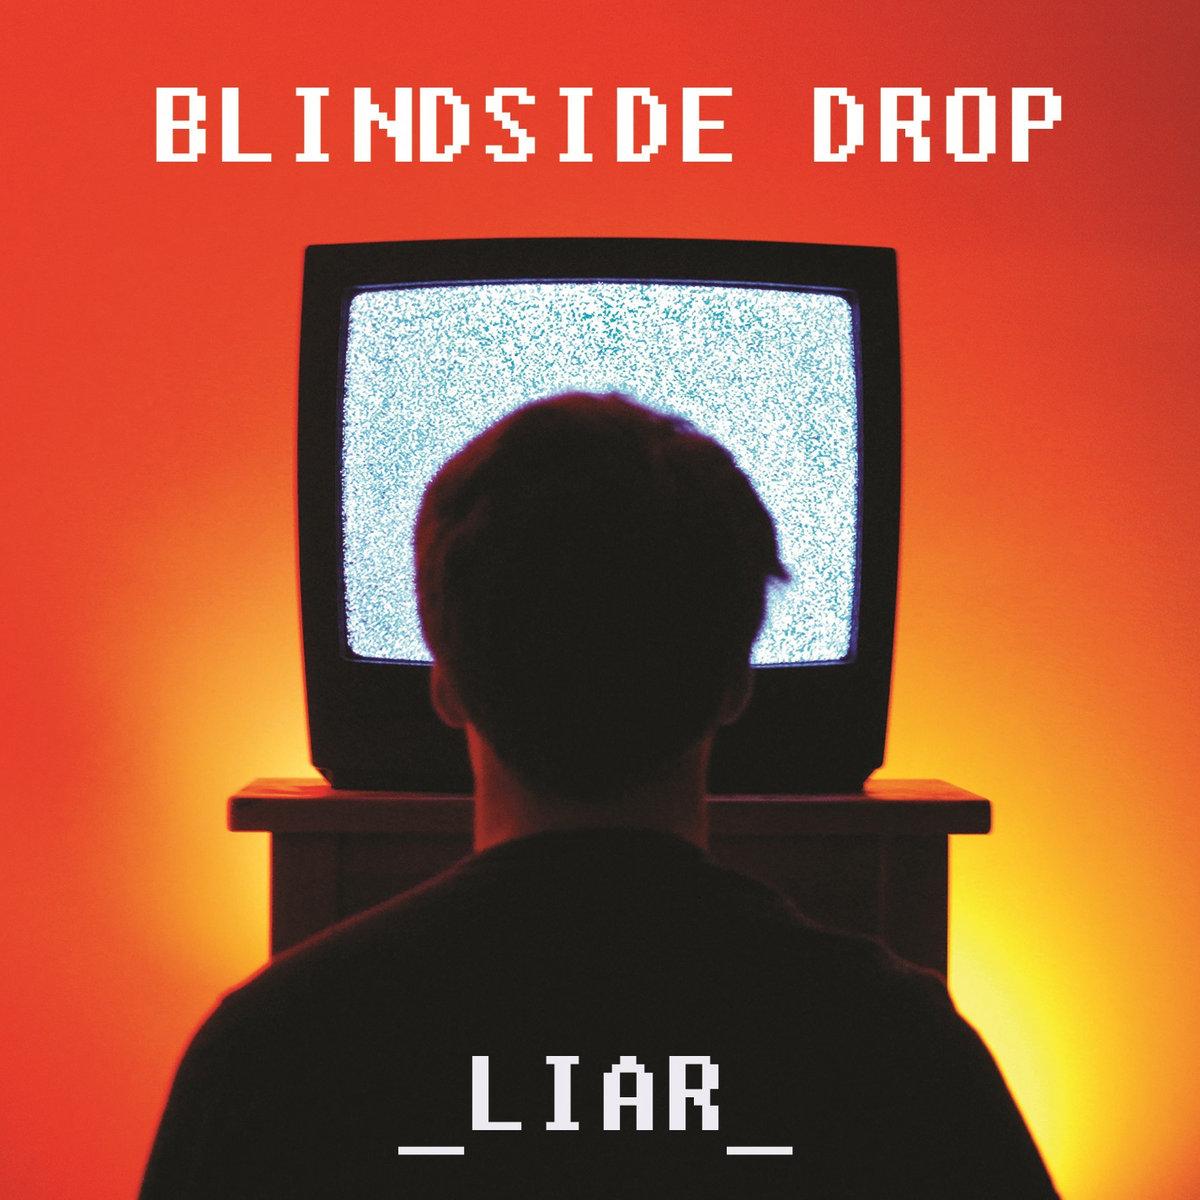 www.facebook.com/blindsidedrop